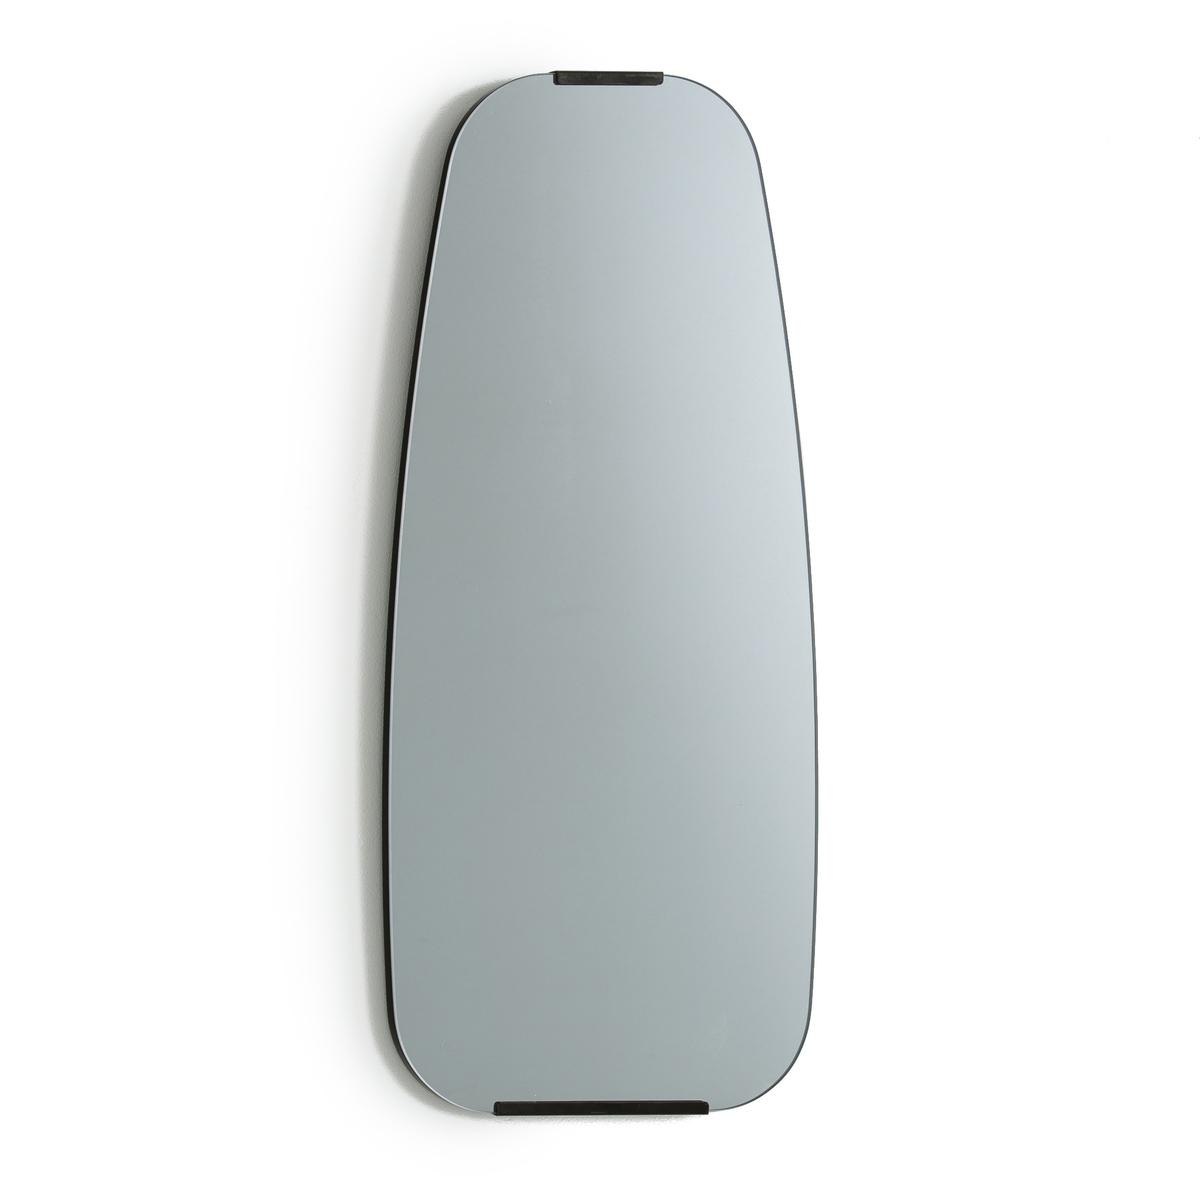 Зеркало из бронзового сплава серых тонов, DialectЗеркало Dialect. Культовое зеркало 50-х годов, слегка окрашенное и прикрепляемое к стене с помощью двух кронштейнов (винты и дюбели продаются отдельно). Накладки из латуни с отделкой под старину. Размеры : Ш.32,6 x В.74,5 x Г.2 см.<br><br>Цвет: дымчато-серый<br>Размер: единый размер